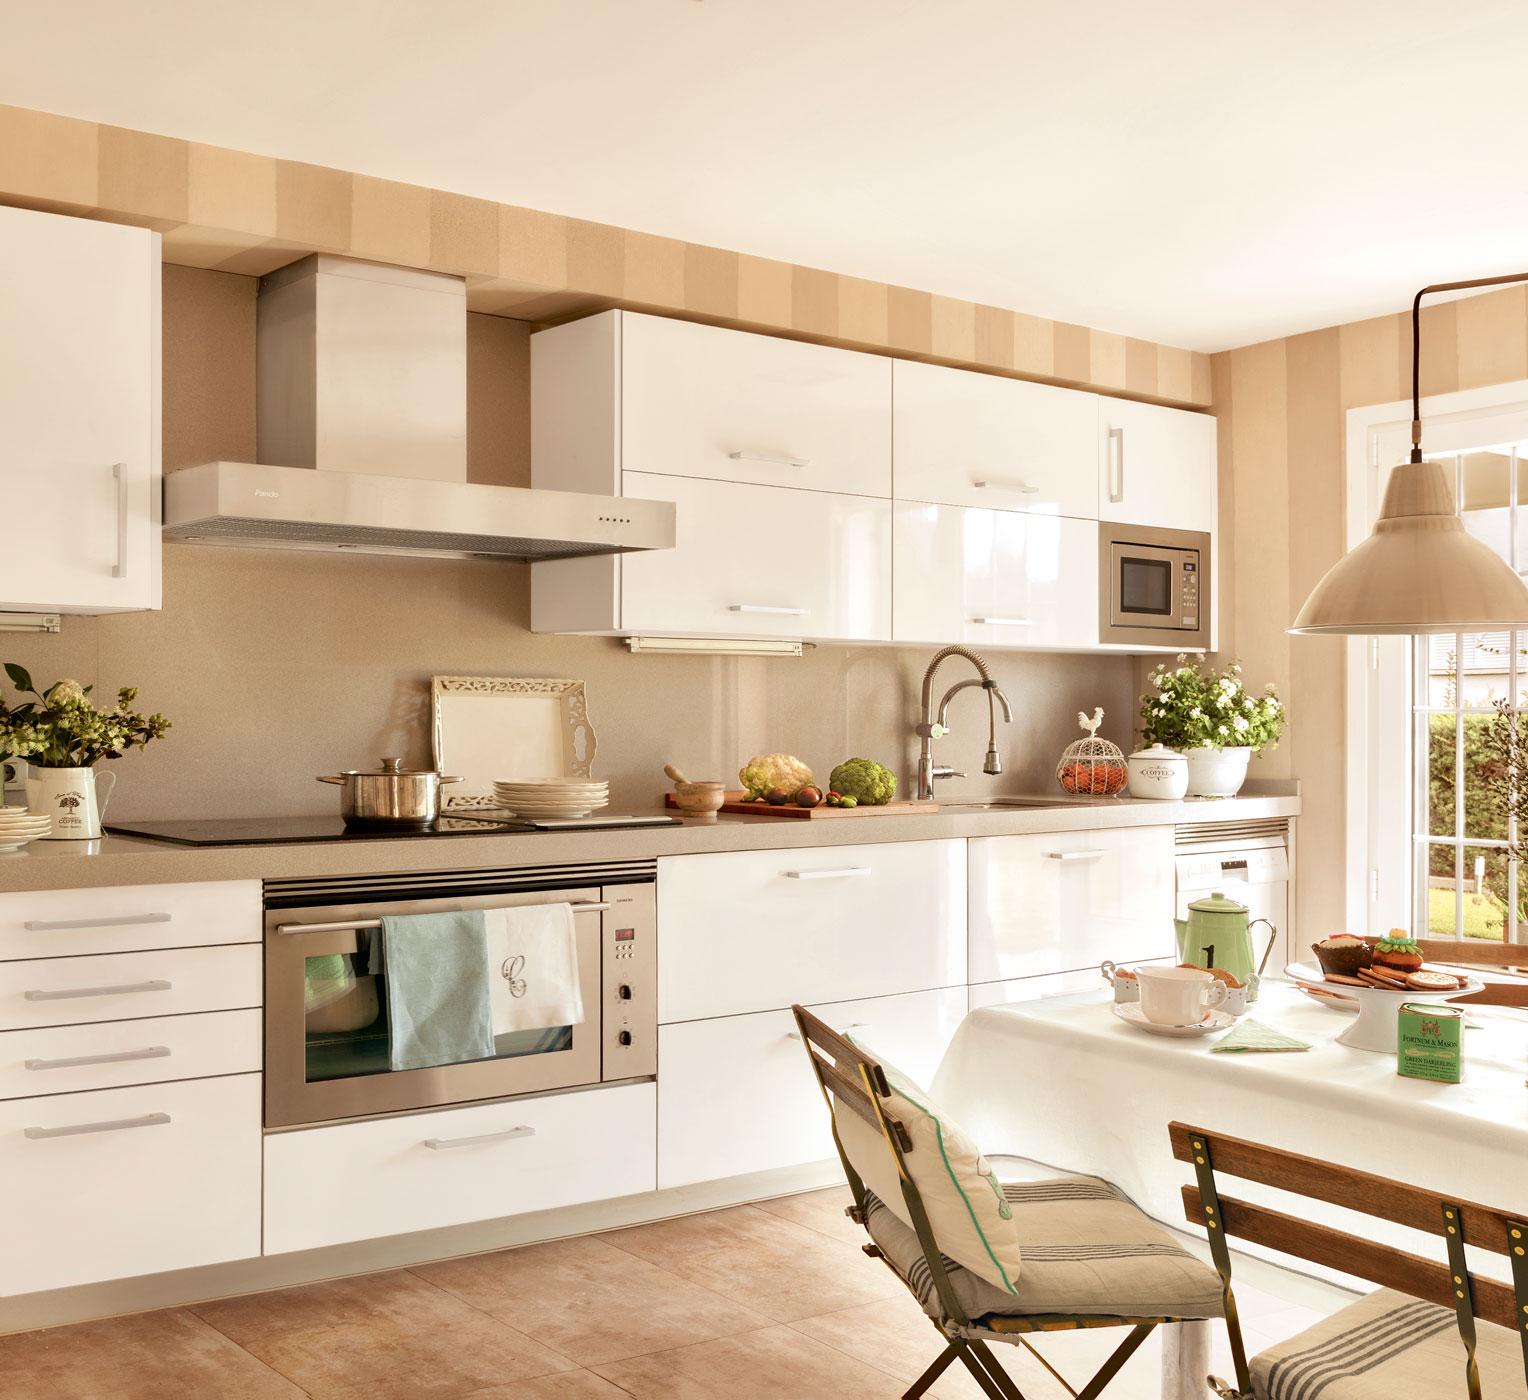 Equipa tu cocina para toda la vida - Muebles cocina xey ...